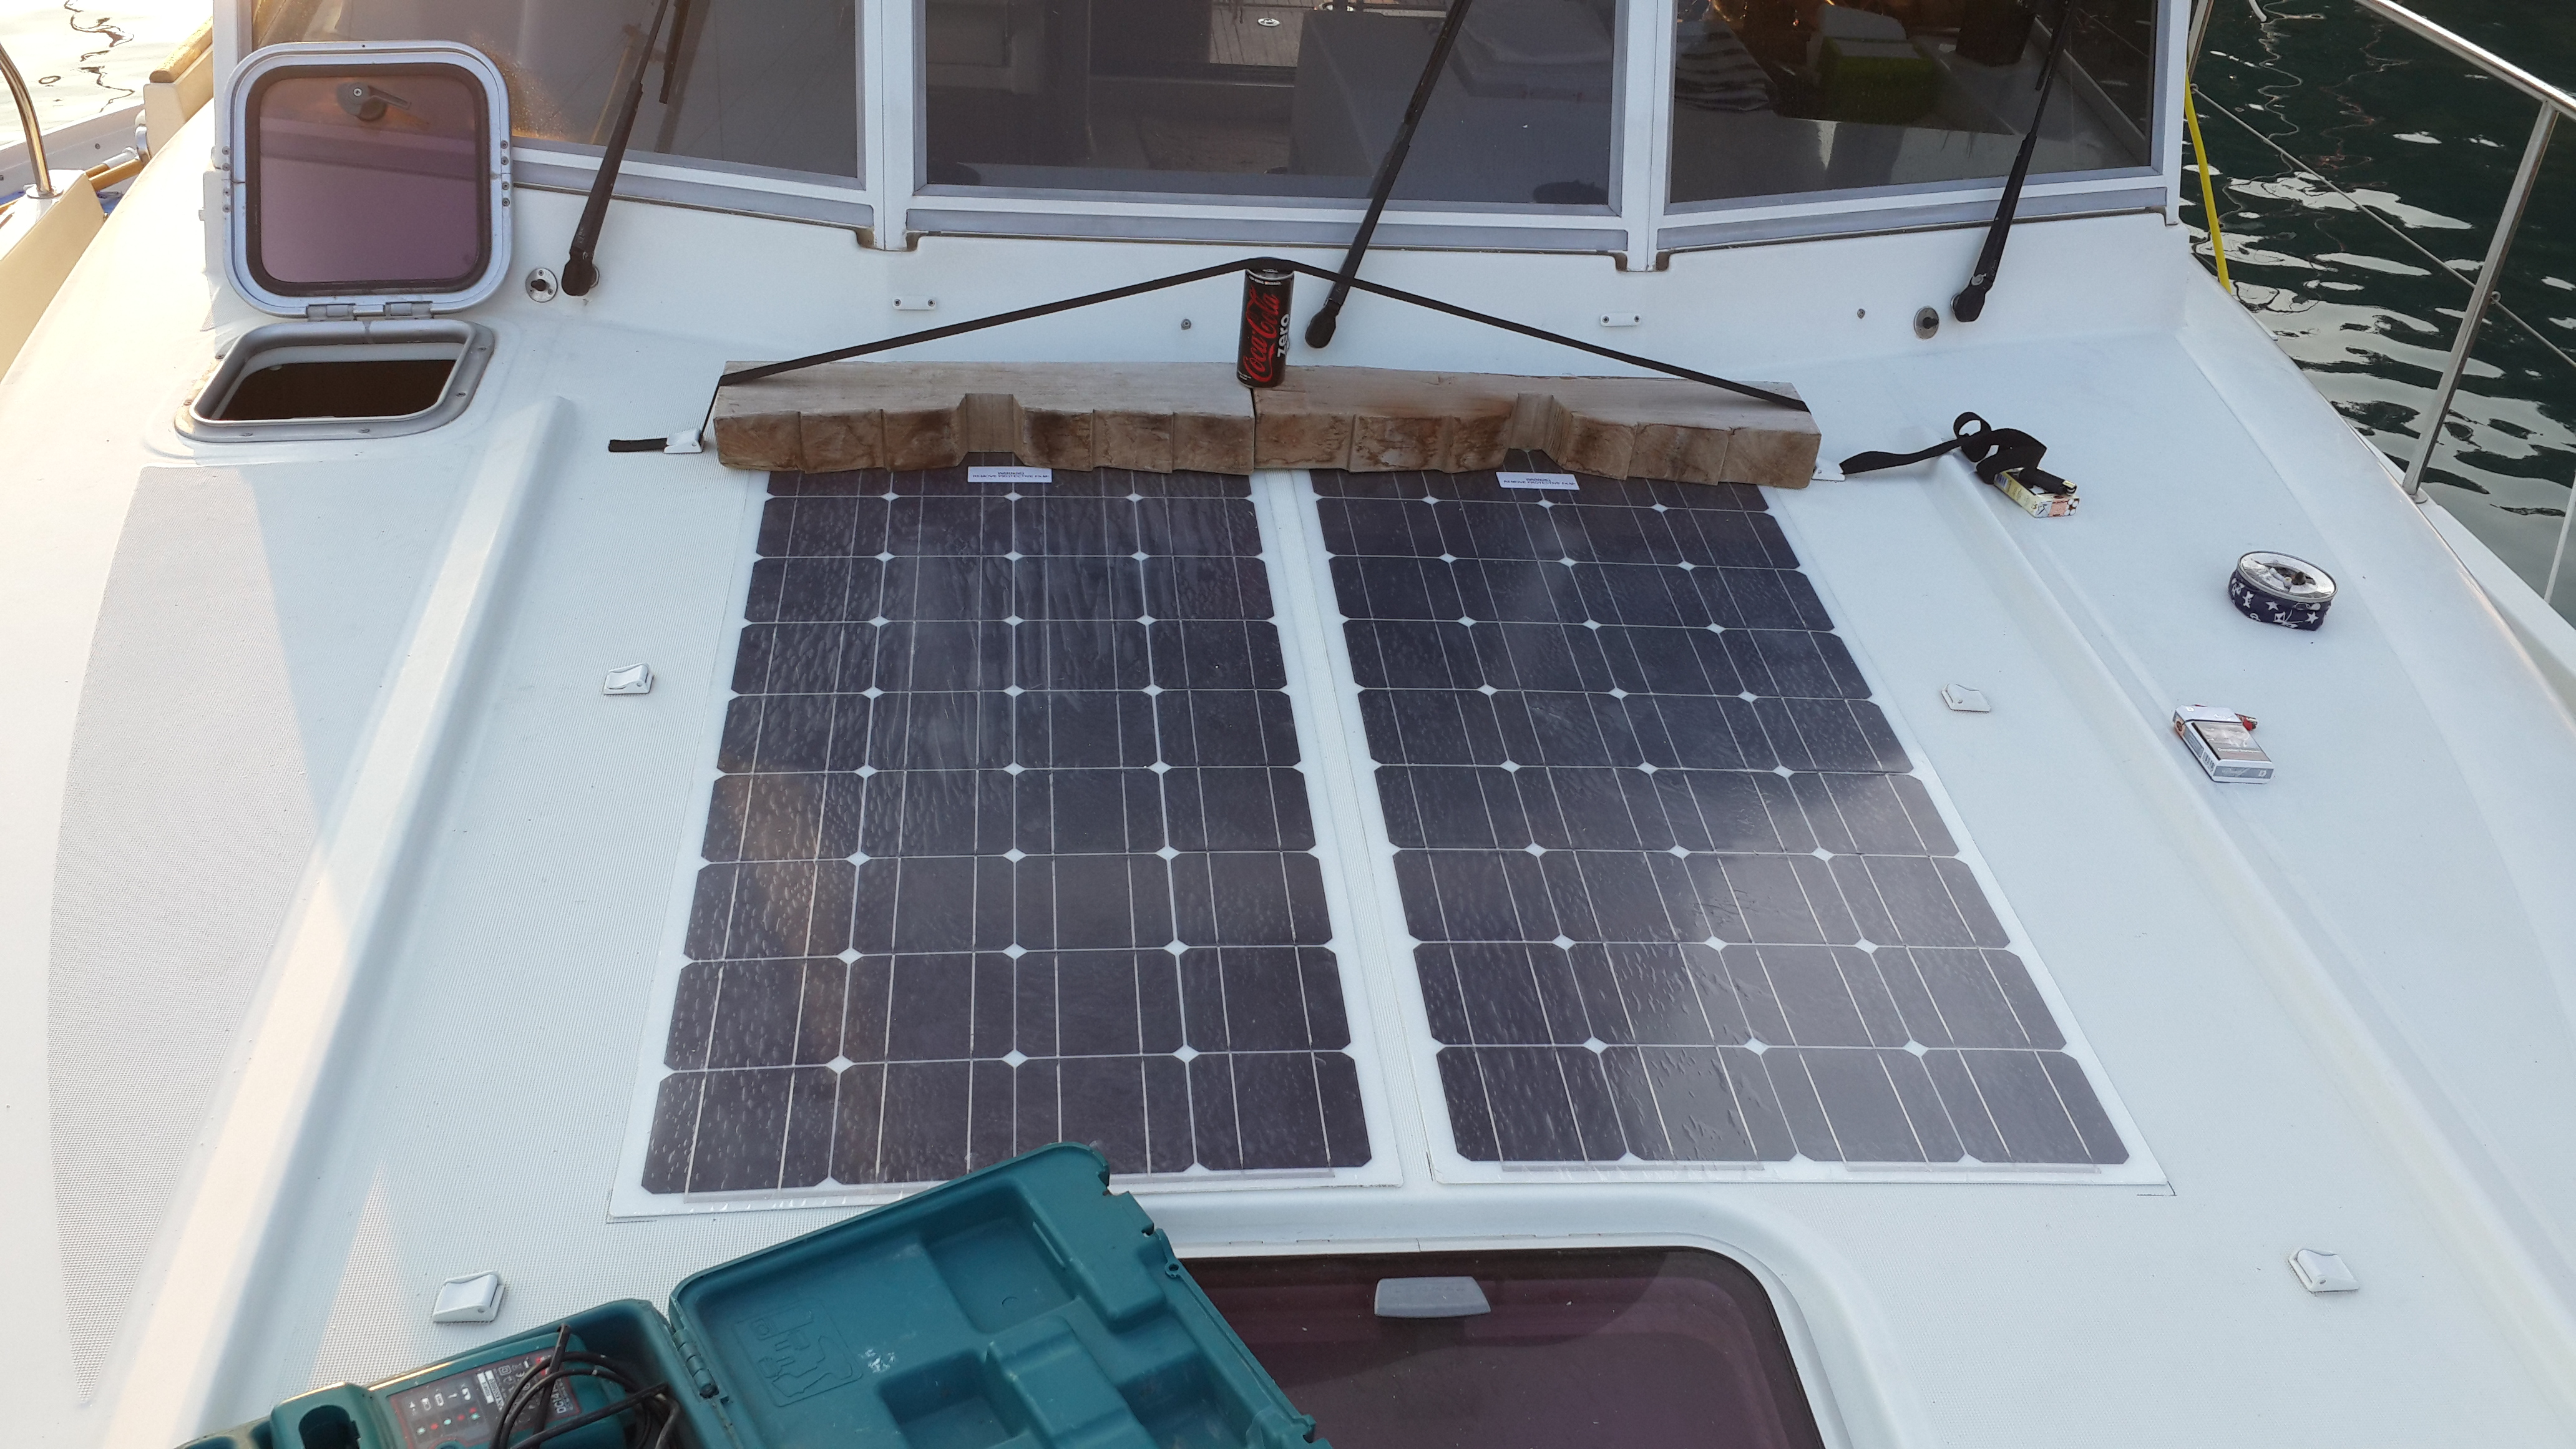 Güverte Üzeri Güneş Panel Montajı